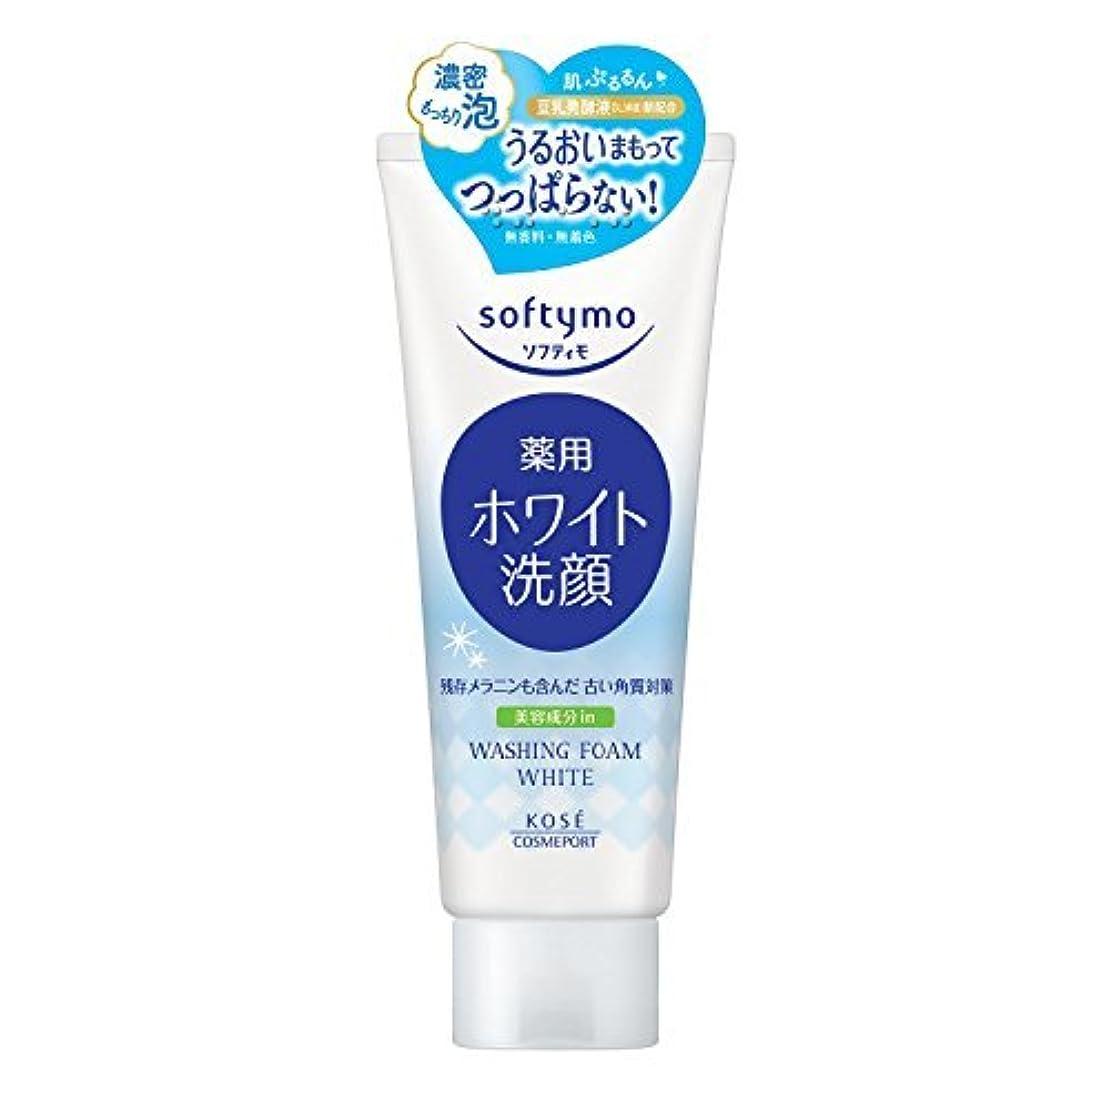 貧困彼らは請求可能KOSE コーセー ソフティモ ホワイト 薬用洗顔フォーム 150g (医薬部外品)